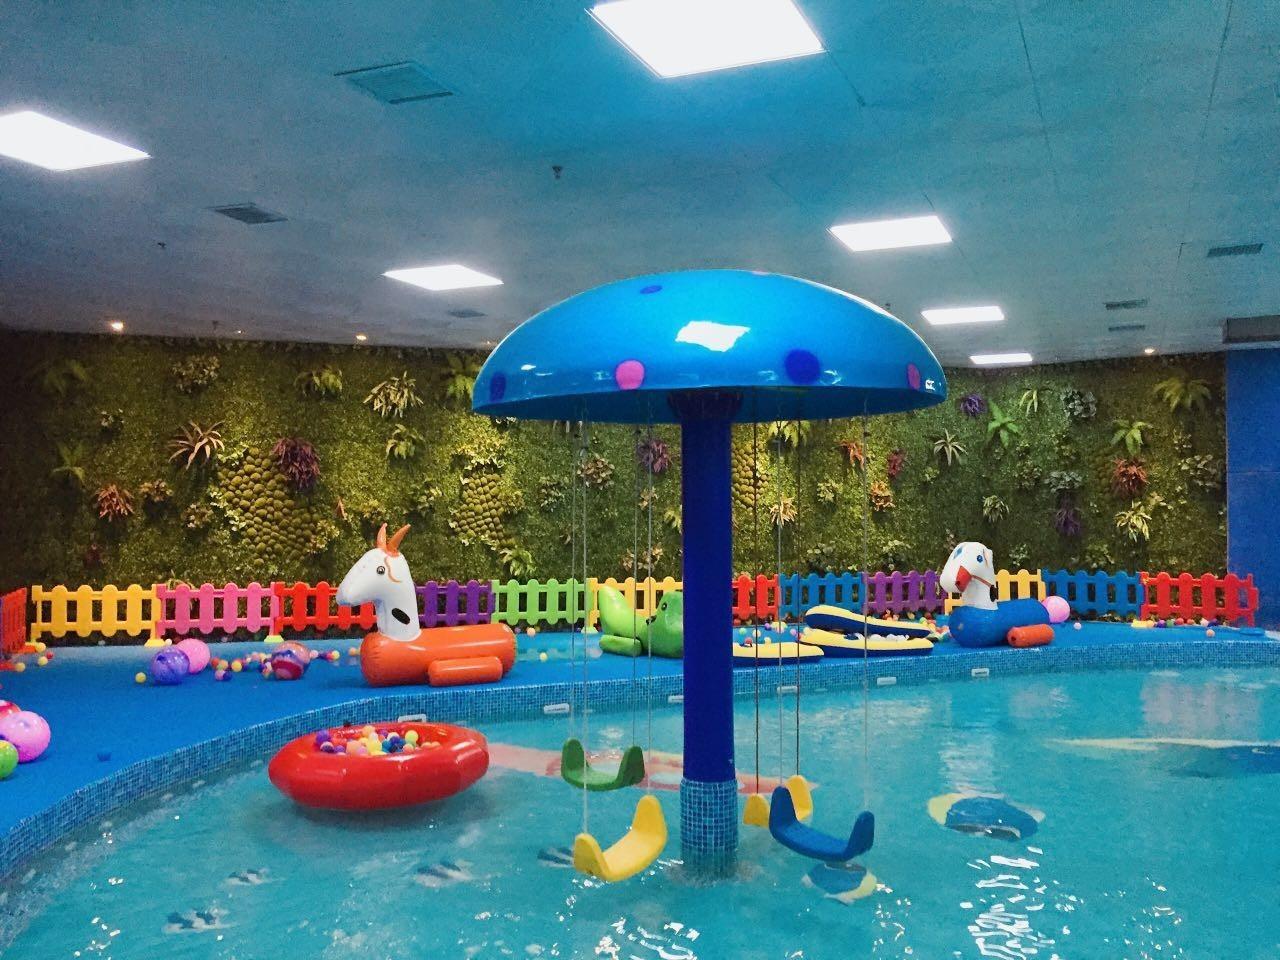 郑州超大室内儿童水上乐园,水滑梯 漂流渠 水上秋千 不限次暑期卡特惠